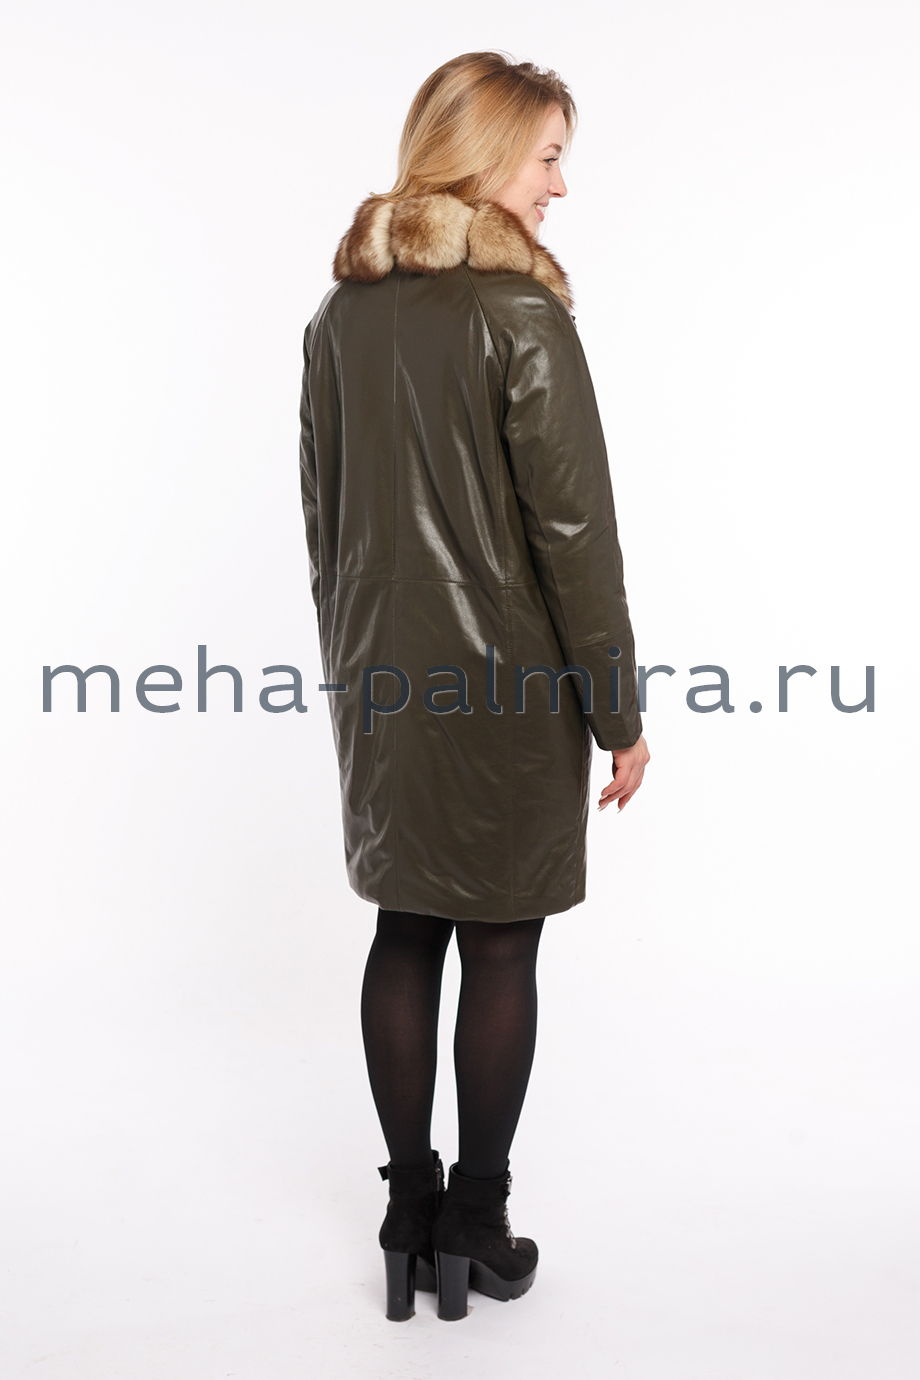 Утеплённый кожаный плащ с воротником из меха енота